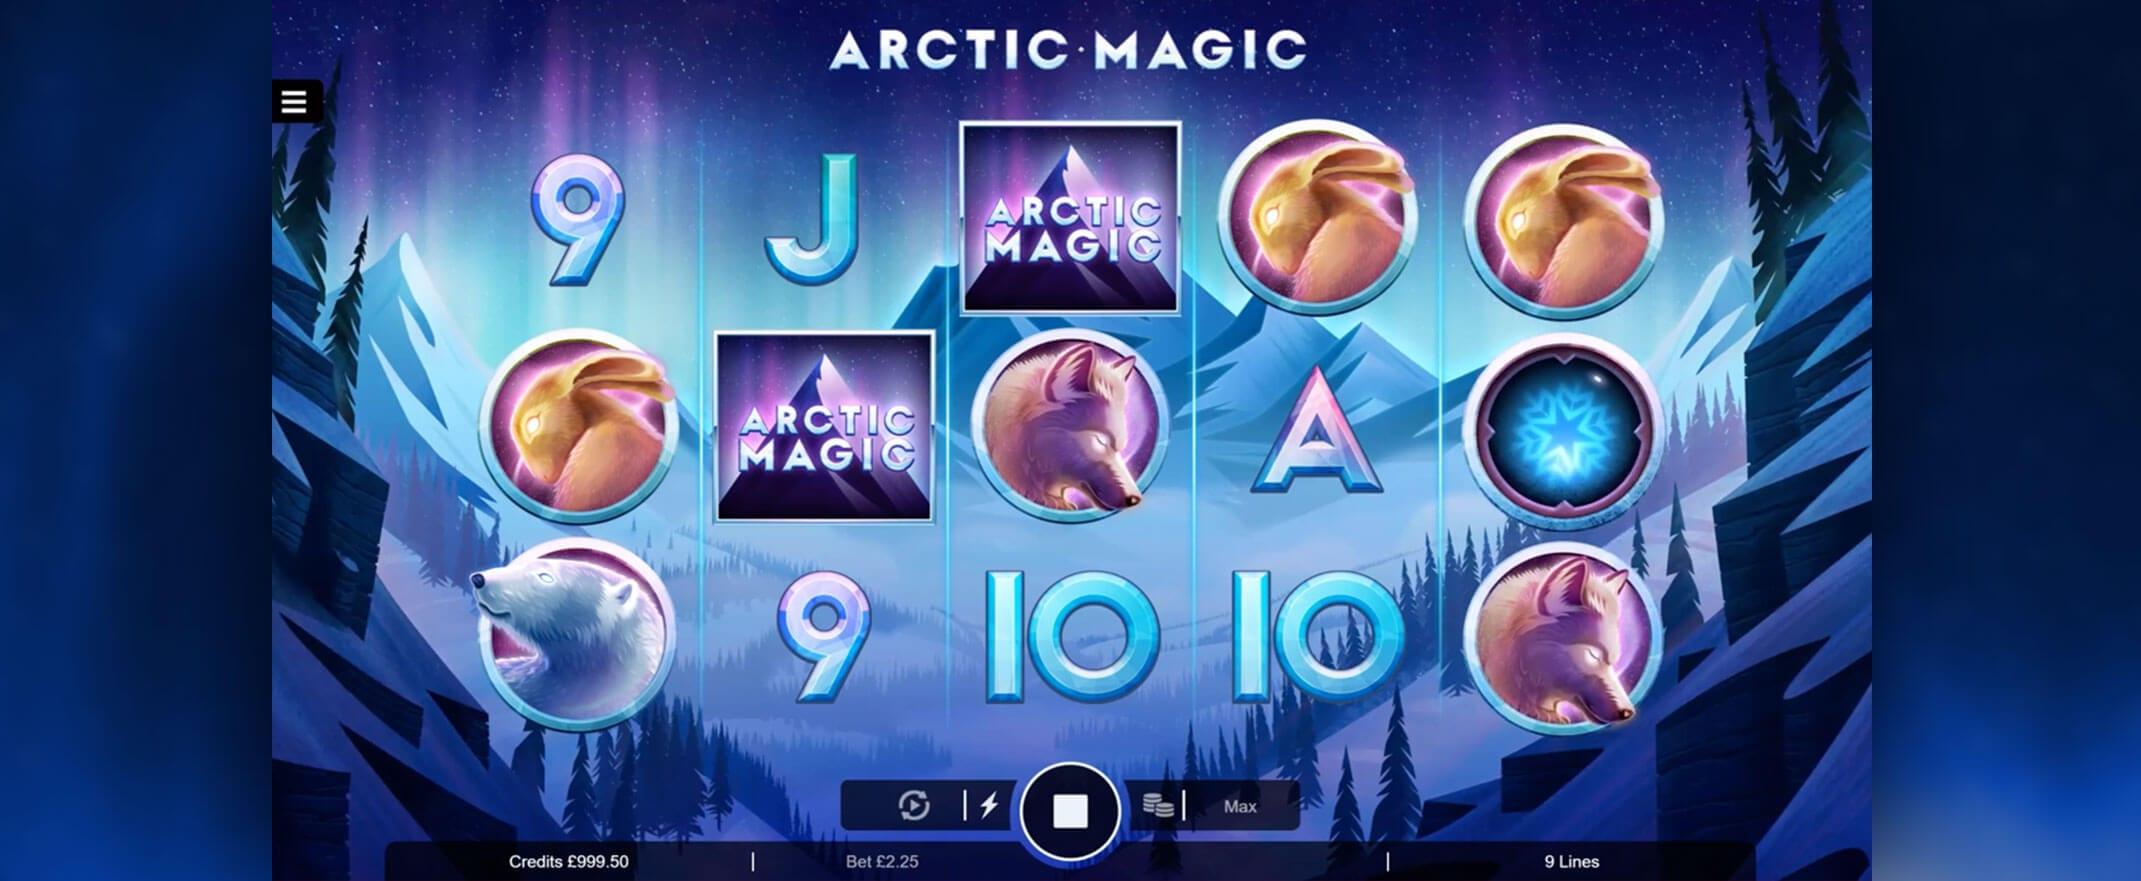 Arctic Magic Casino Game